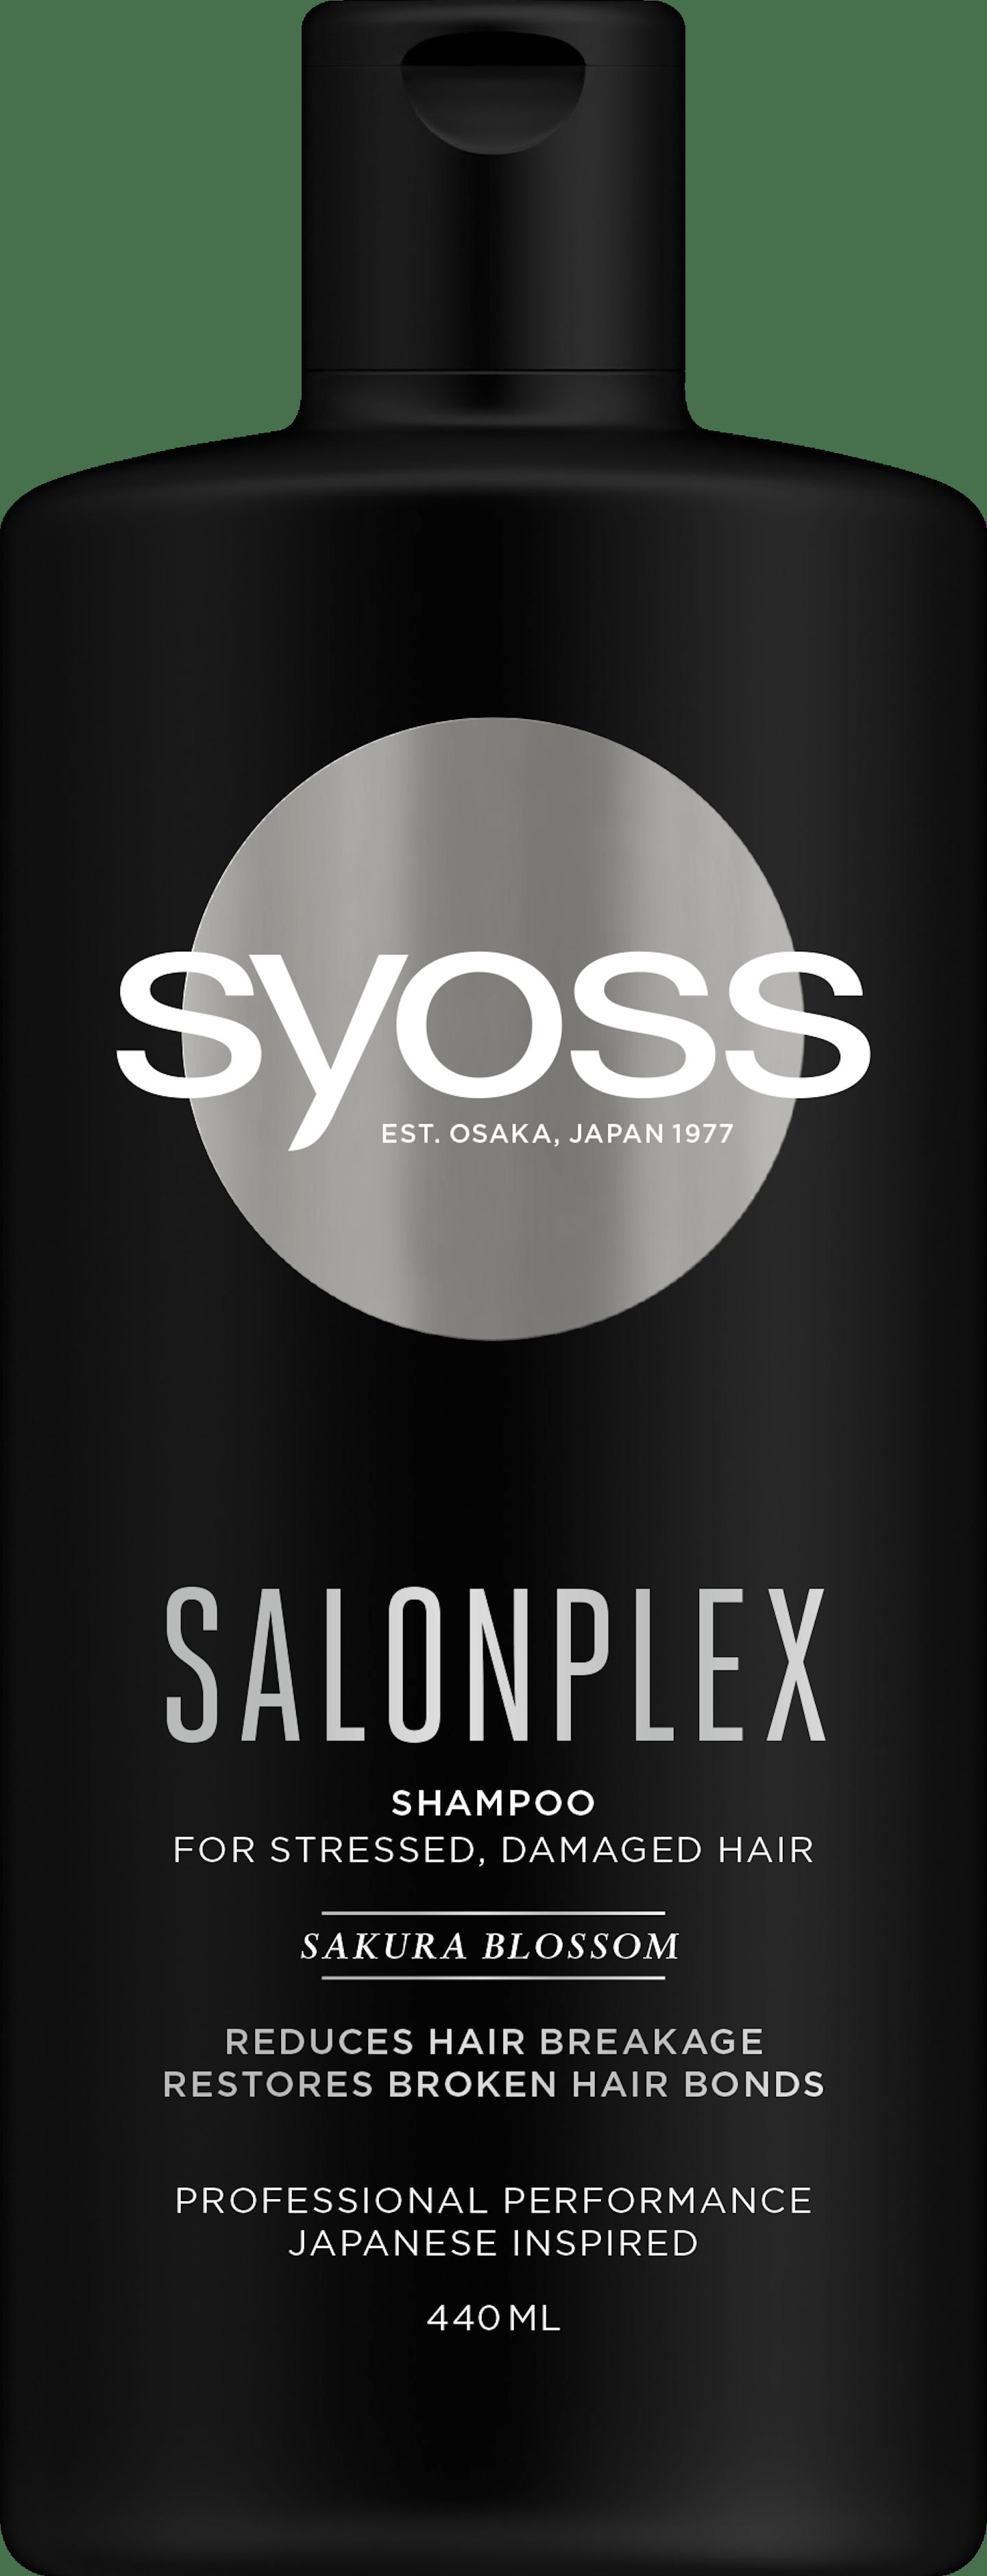 Salonplex Shampoo